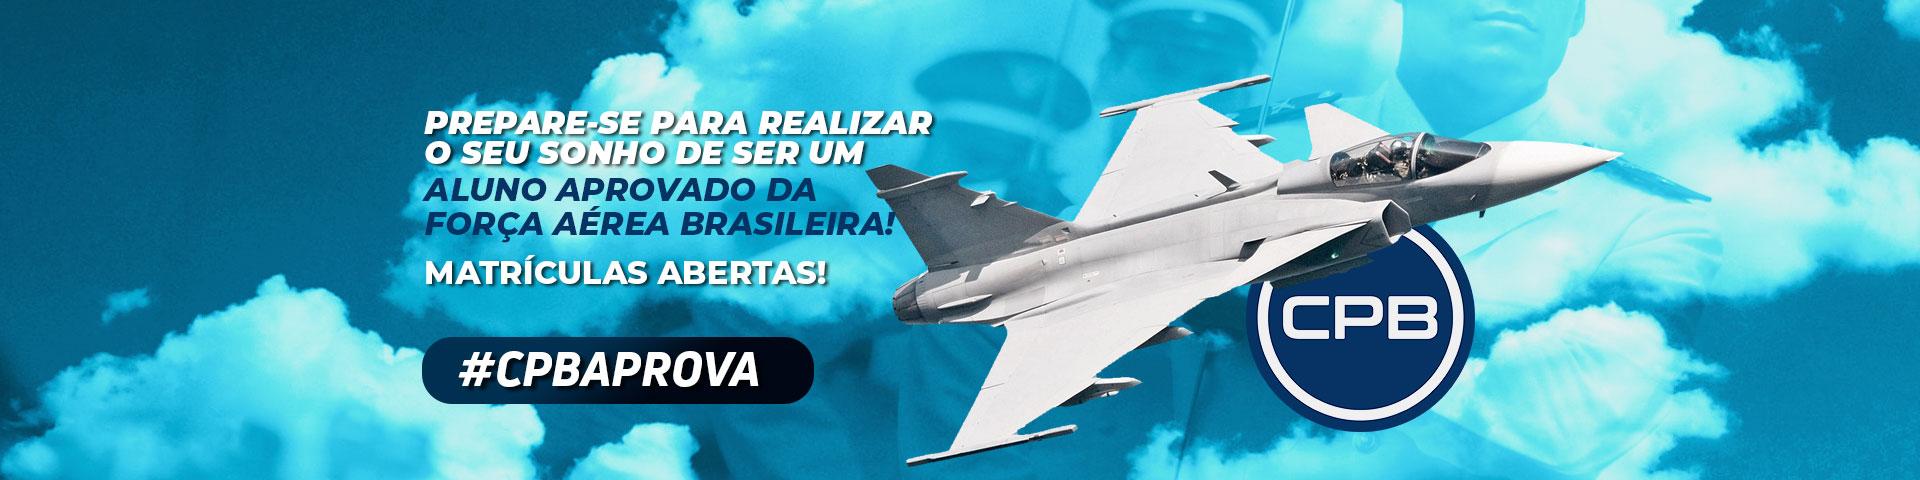 Curso Preparatório Borges AFA EPCAR EEAR Força Aérea Brasileira